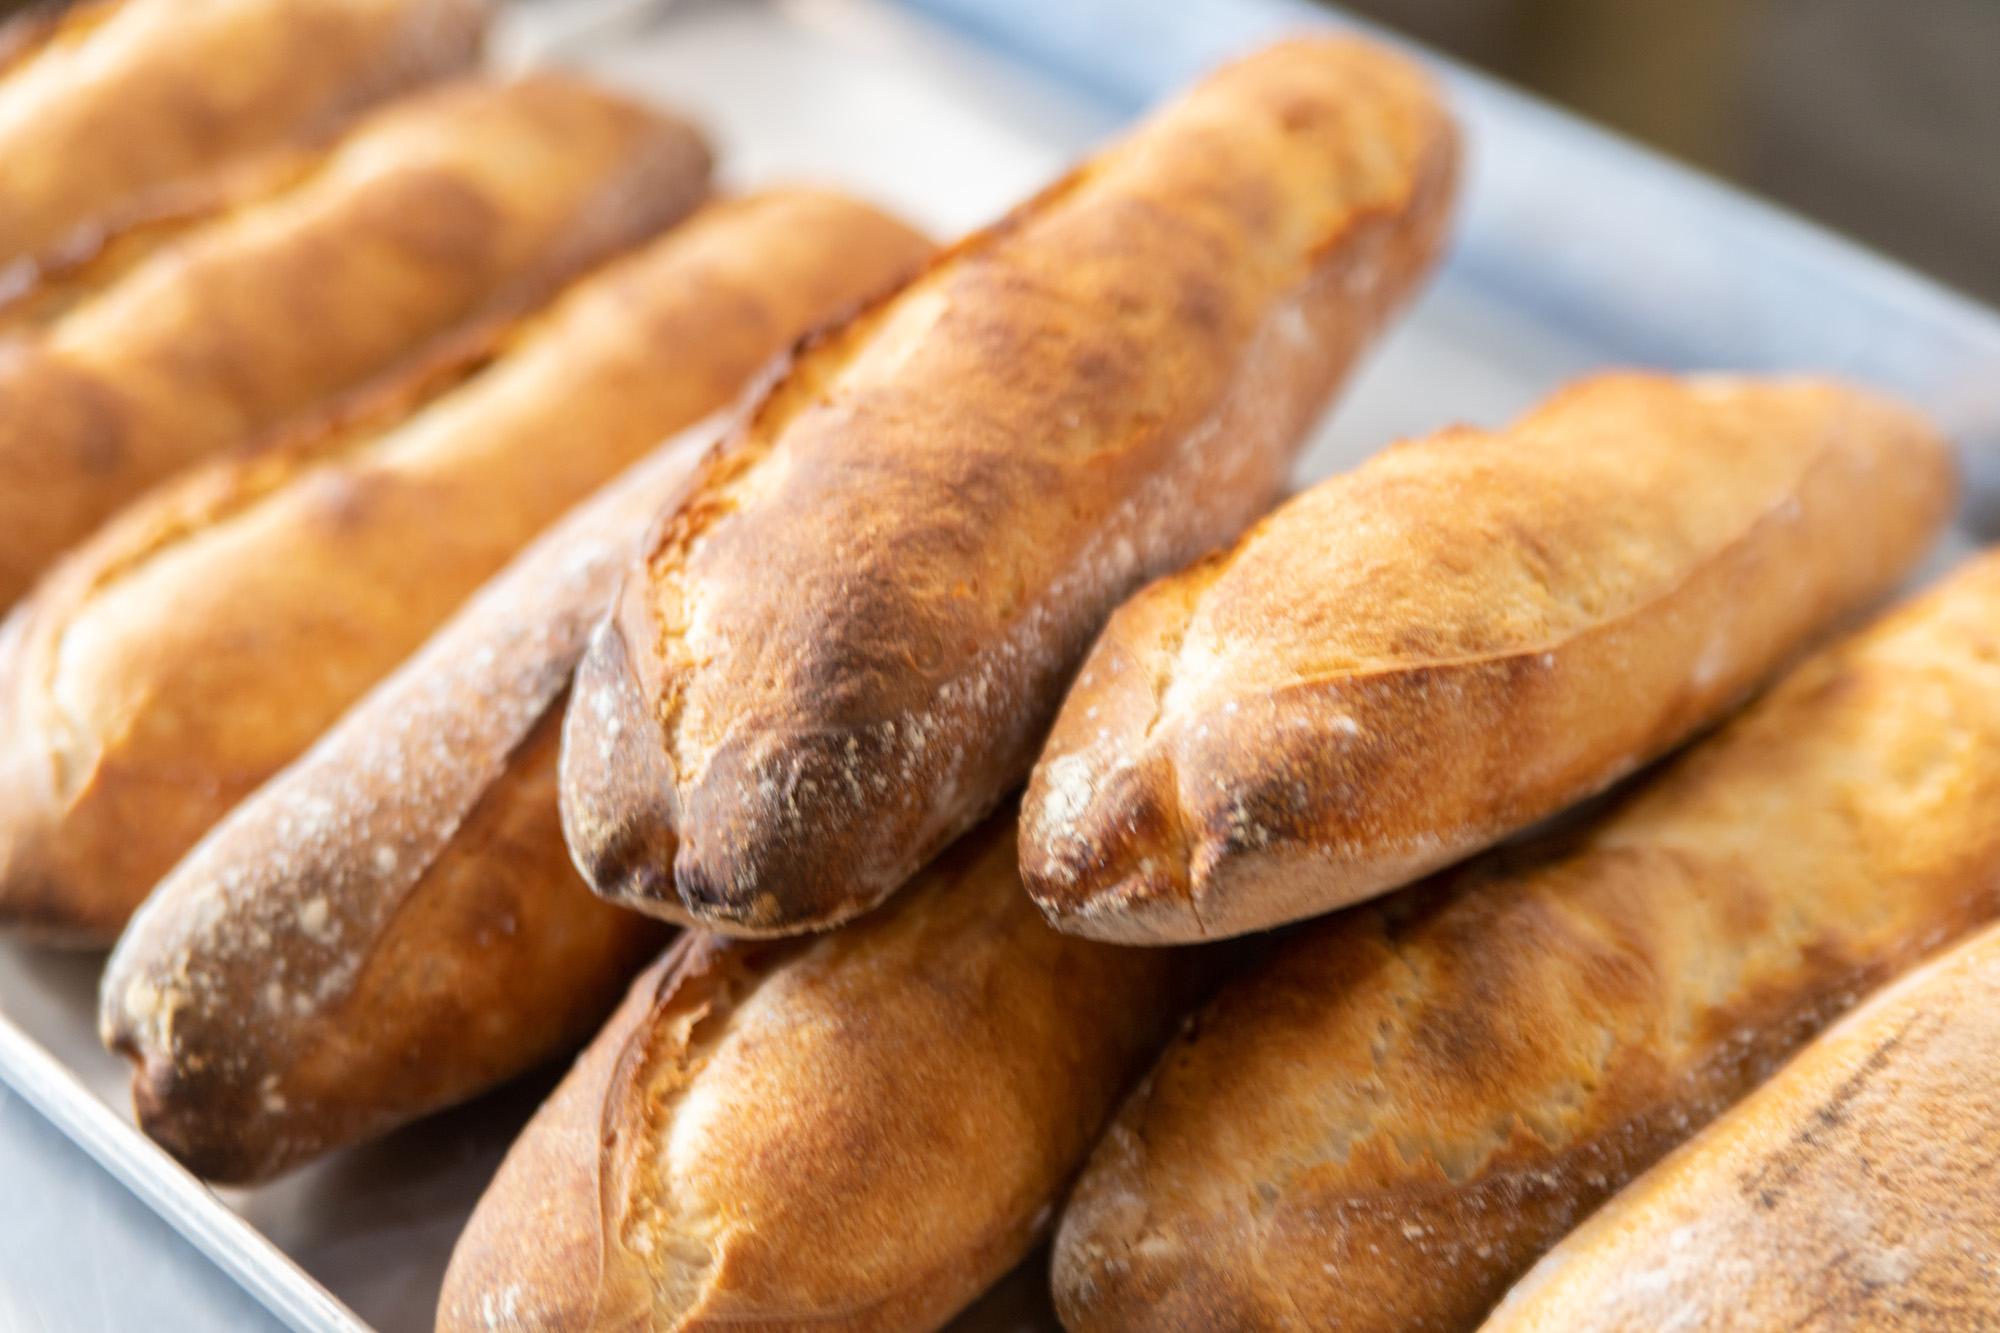 焼きあがったパン2